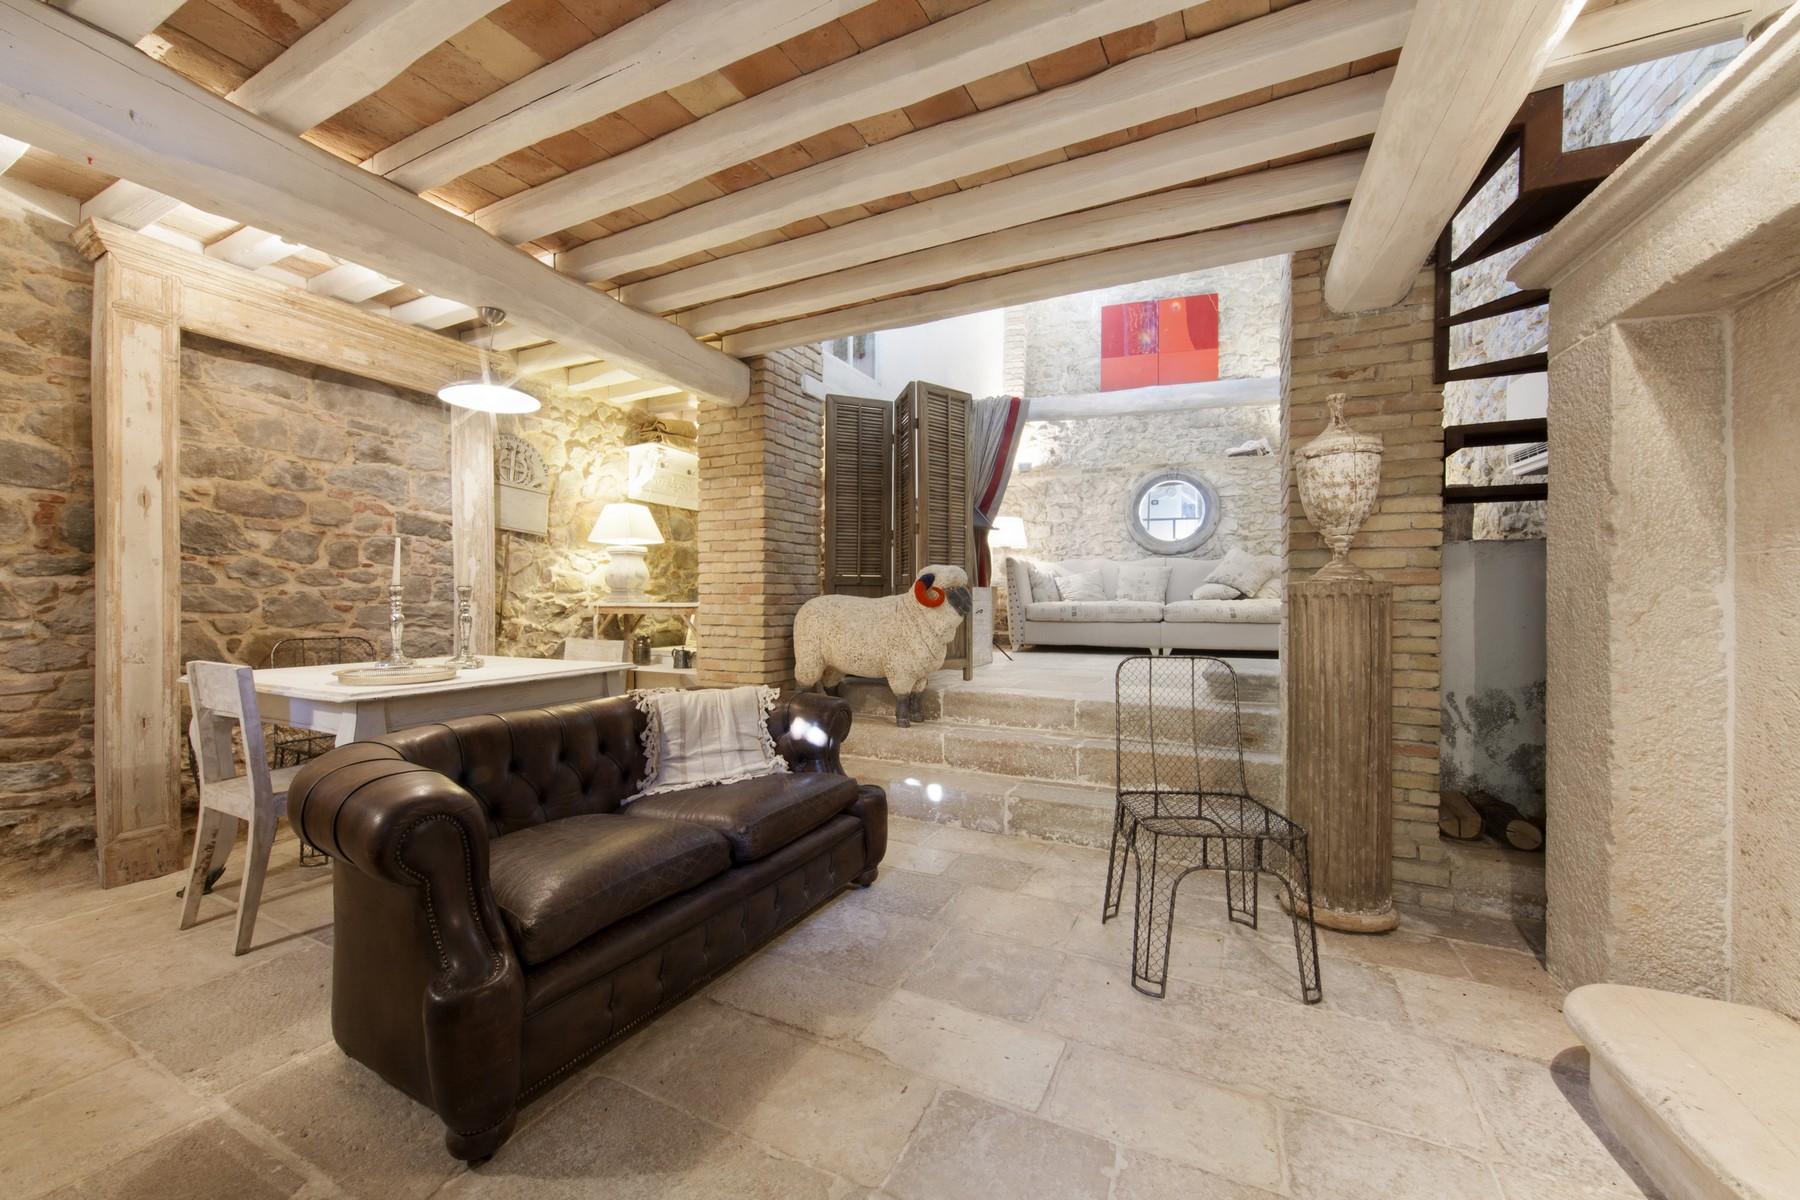 Appartamento di lusso in vendita a magliano in toscana via for Planimetrie della cabina di lusso